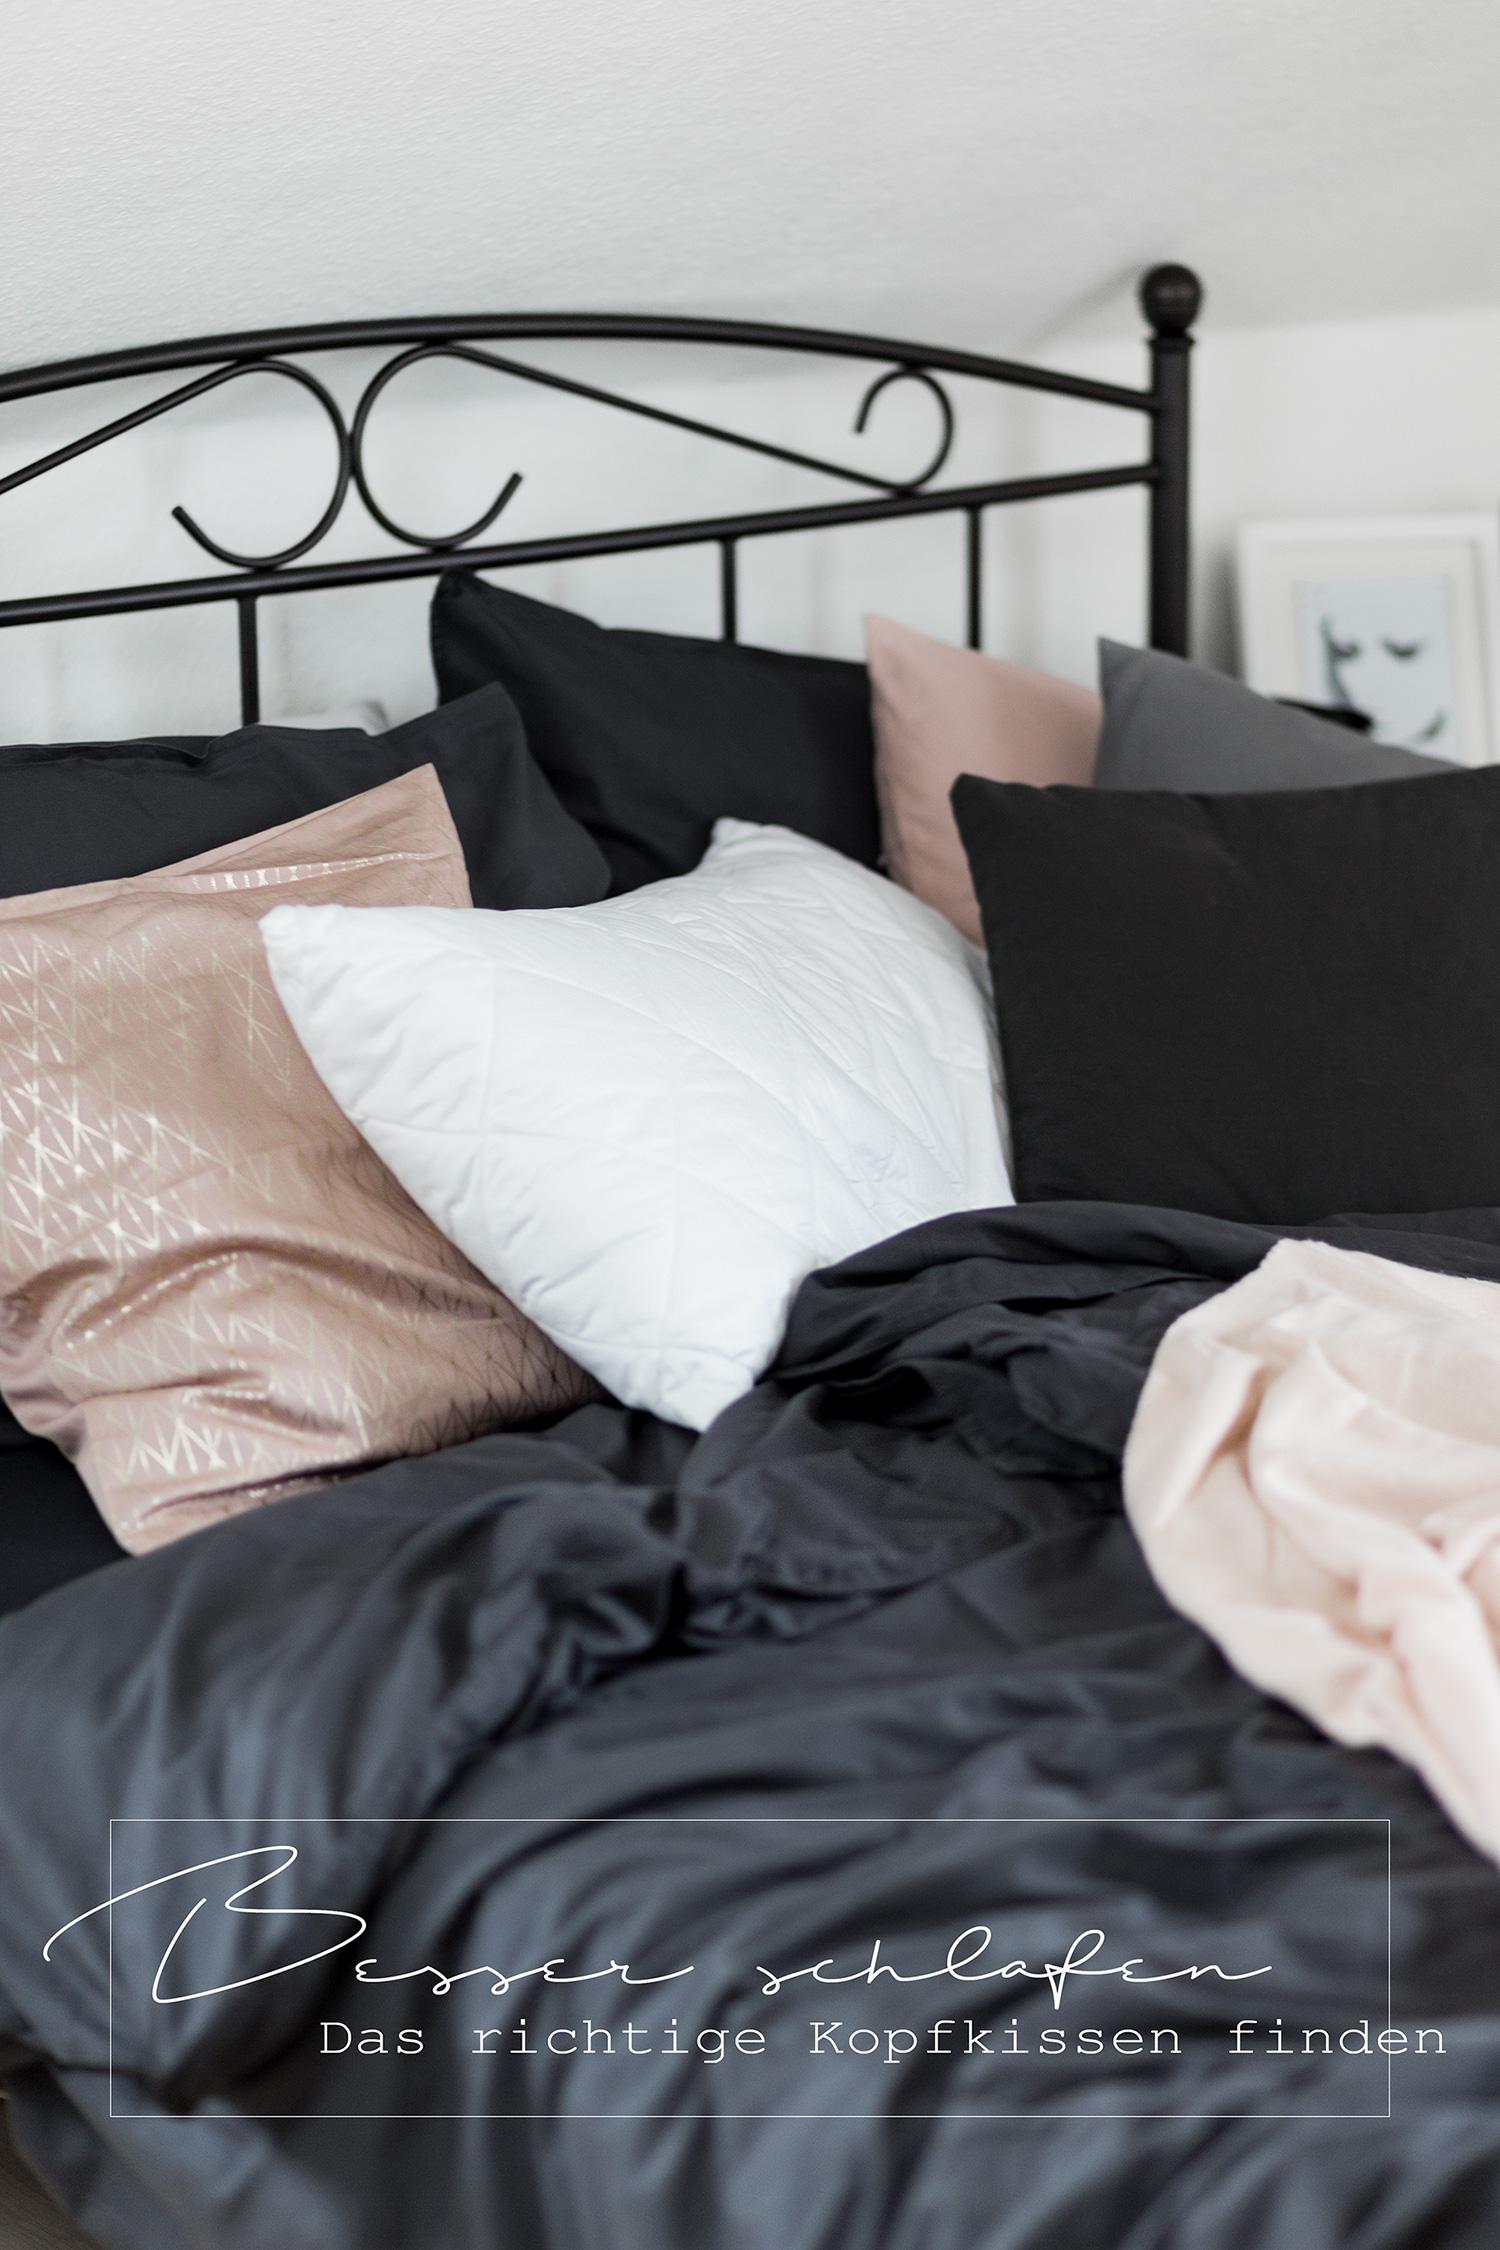 besser schlafen das richtige kopfkissen finden bezaubernde nana. Black Bedroom Furniture Sets. Home Design Ideas